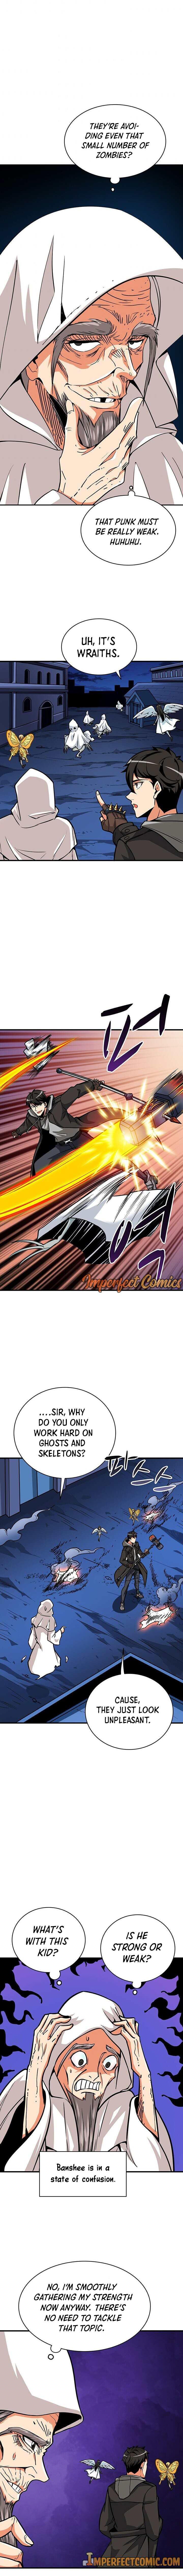 I Log In Alone Chapter 70 page 6 - Mangakakalots.com